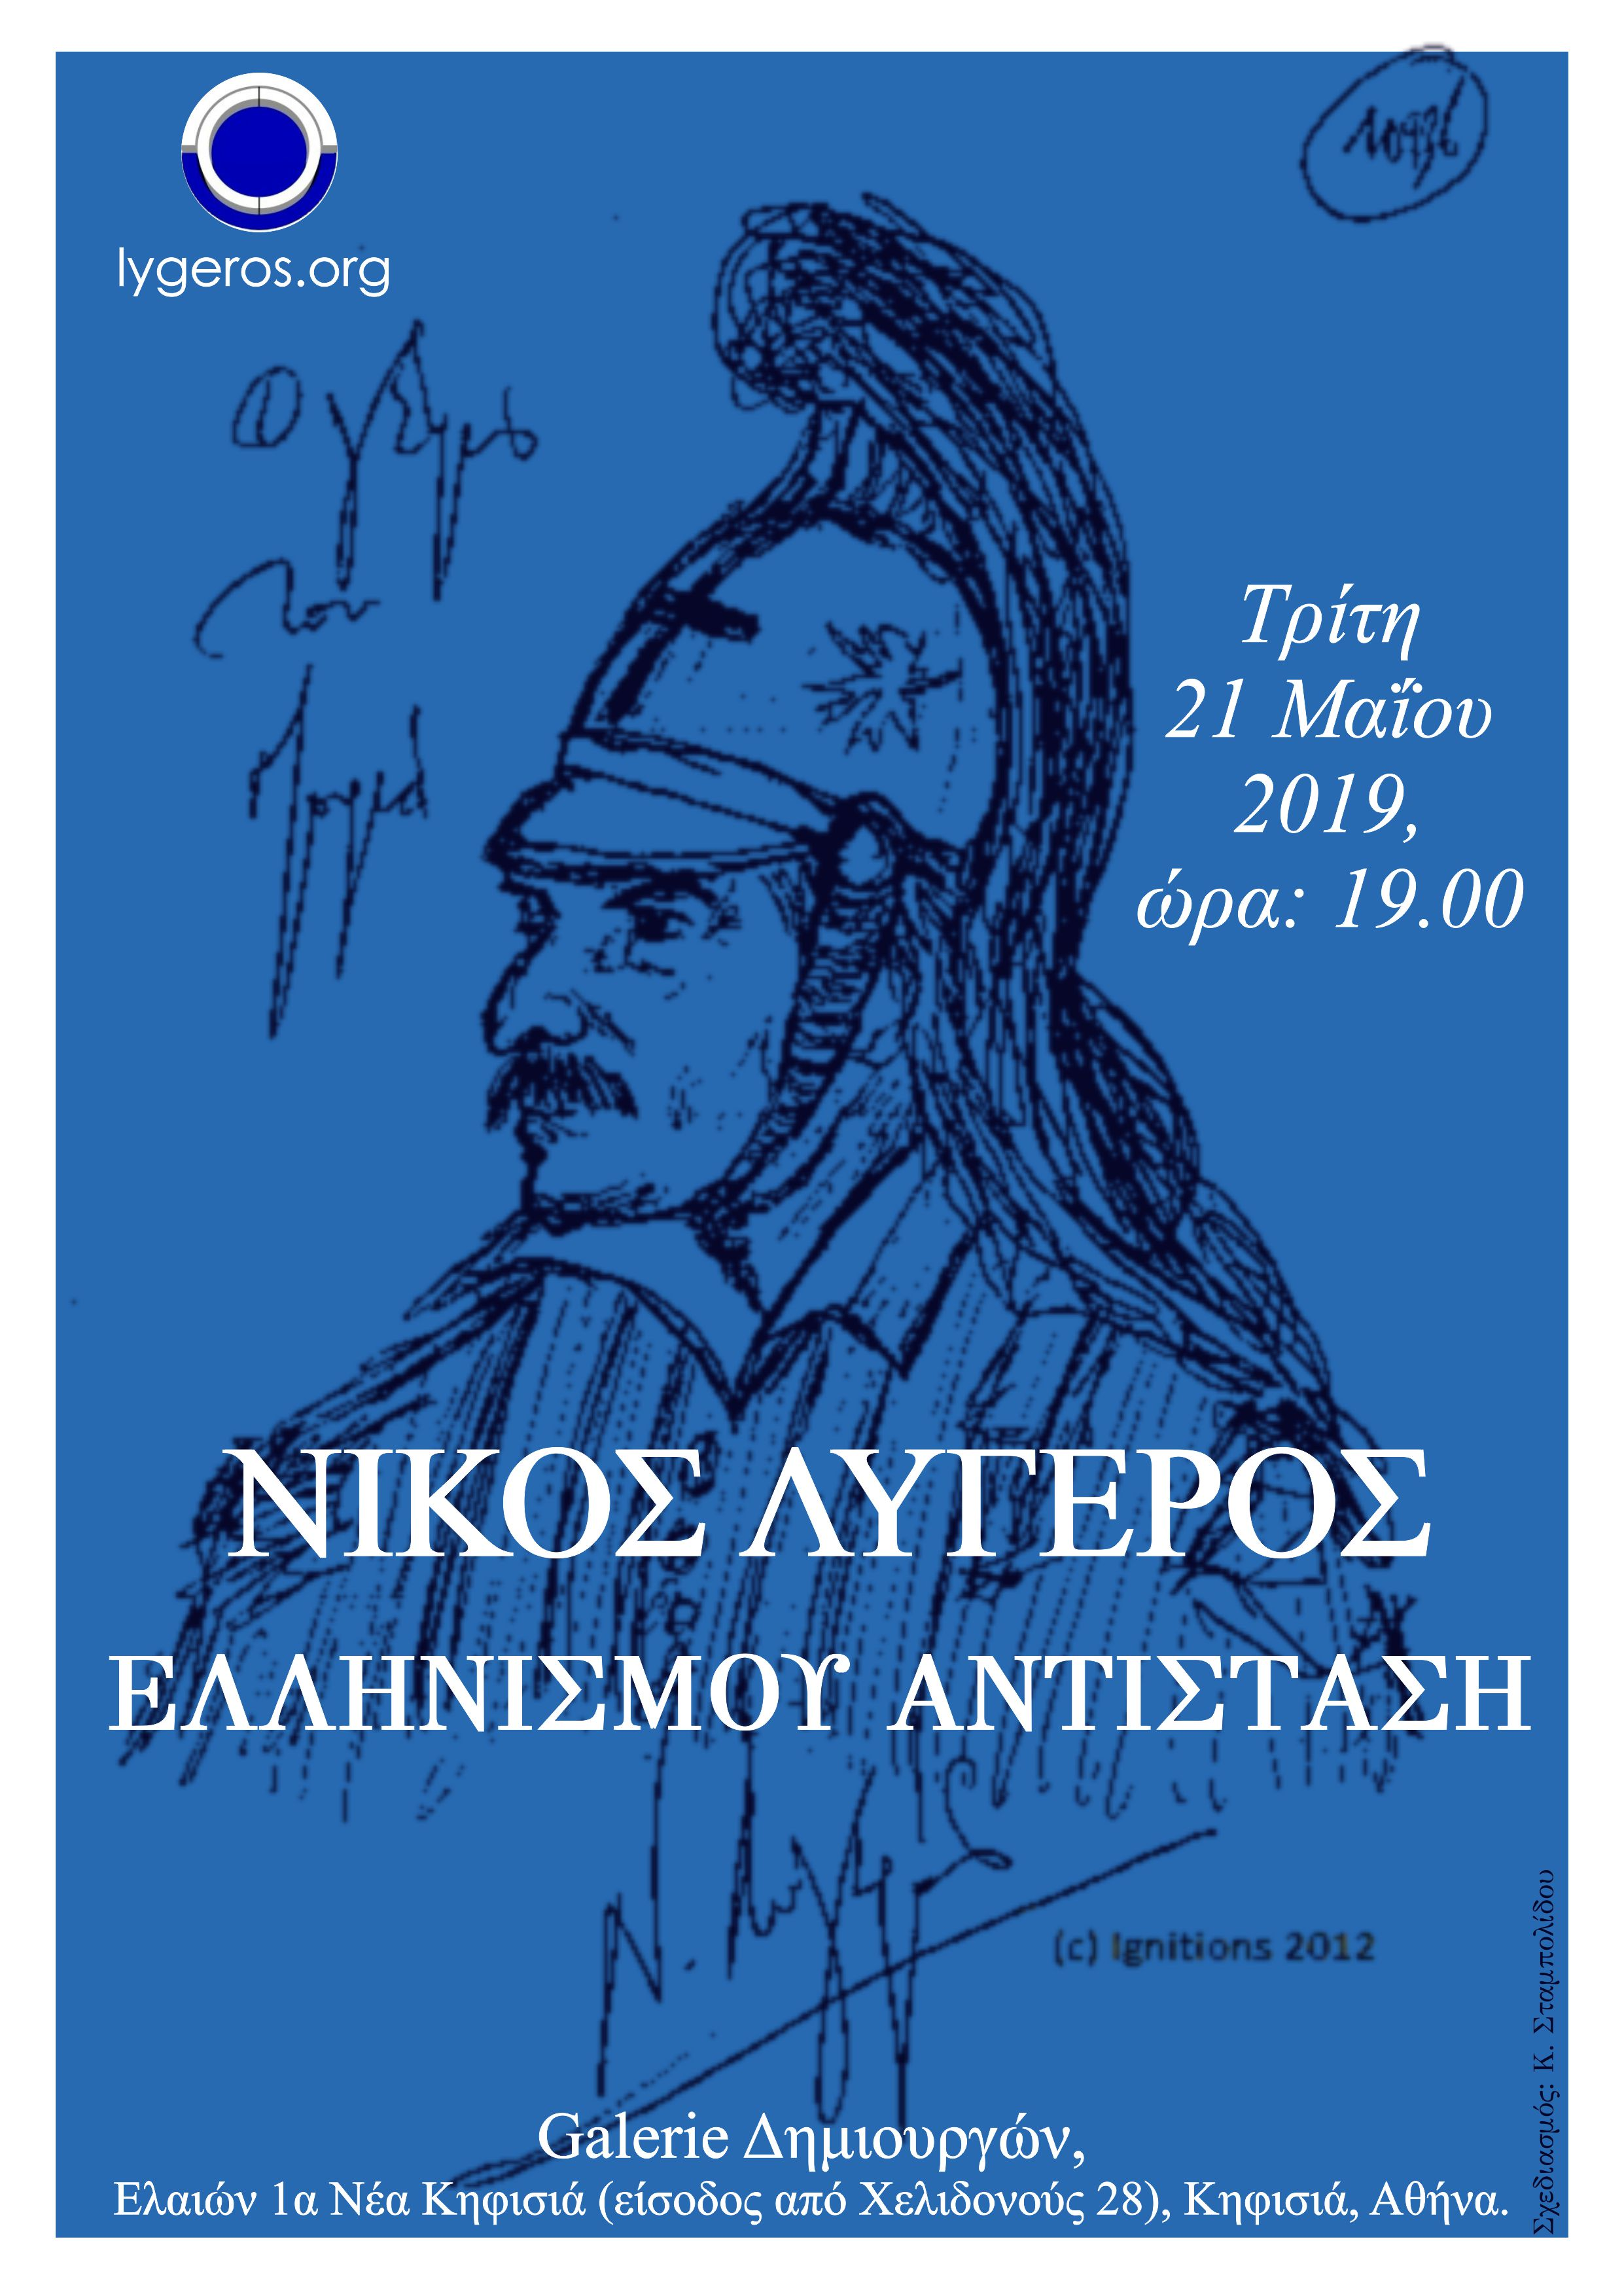 Διάλεξη: Ελληνισμού Αντίσταση